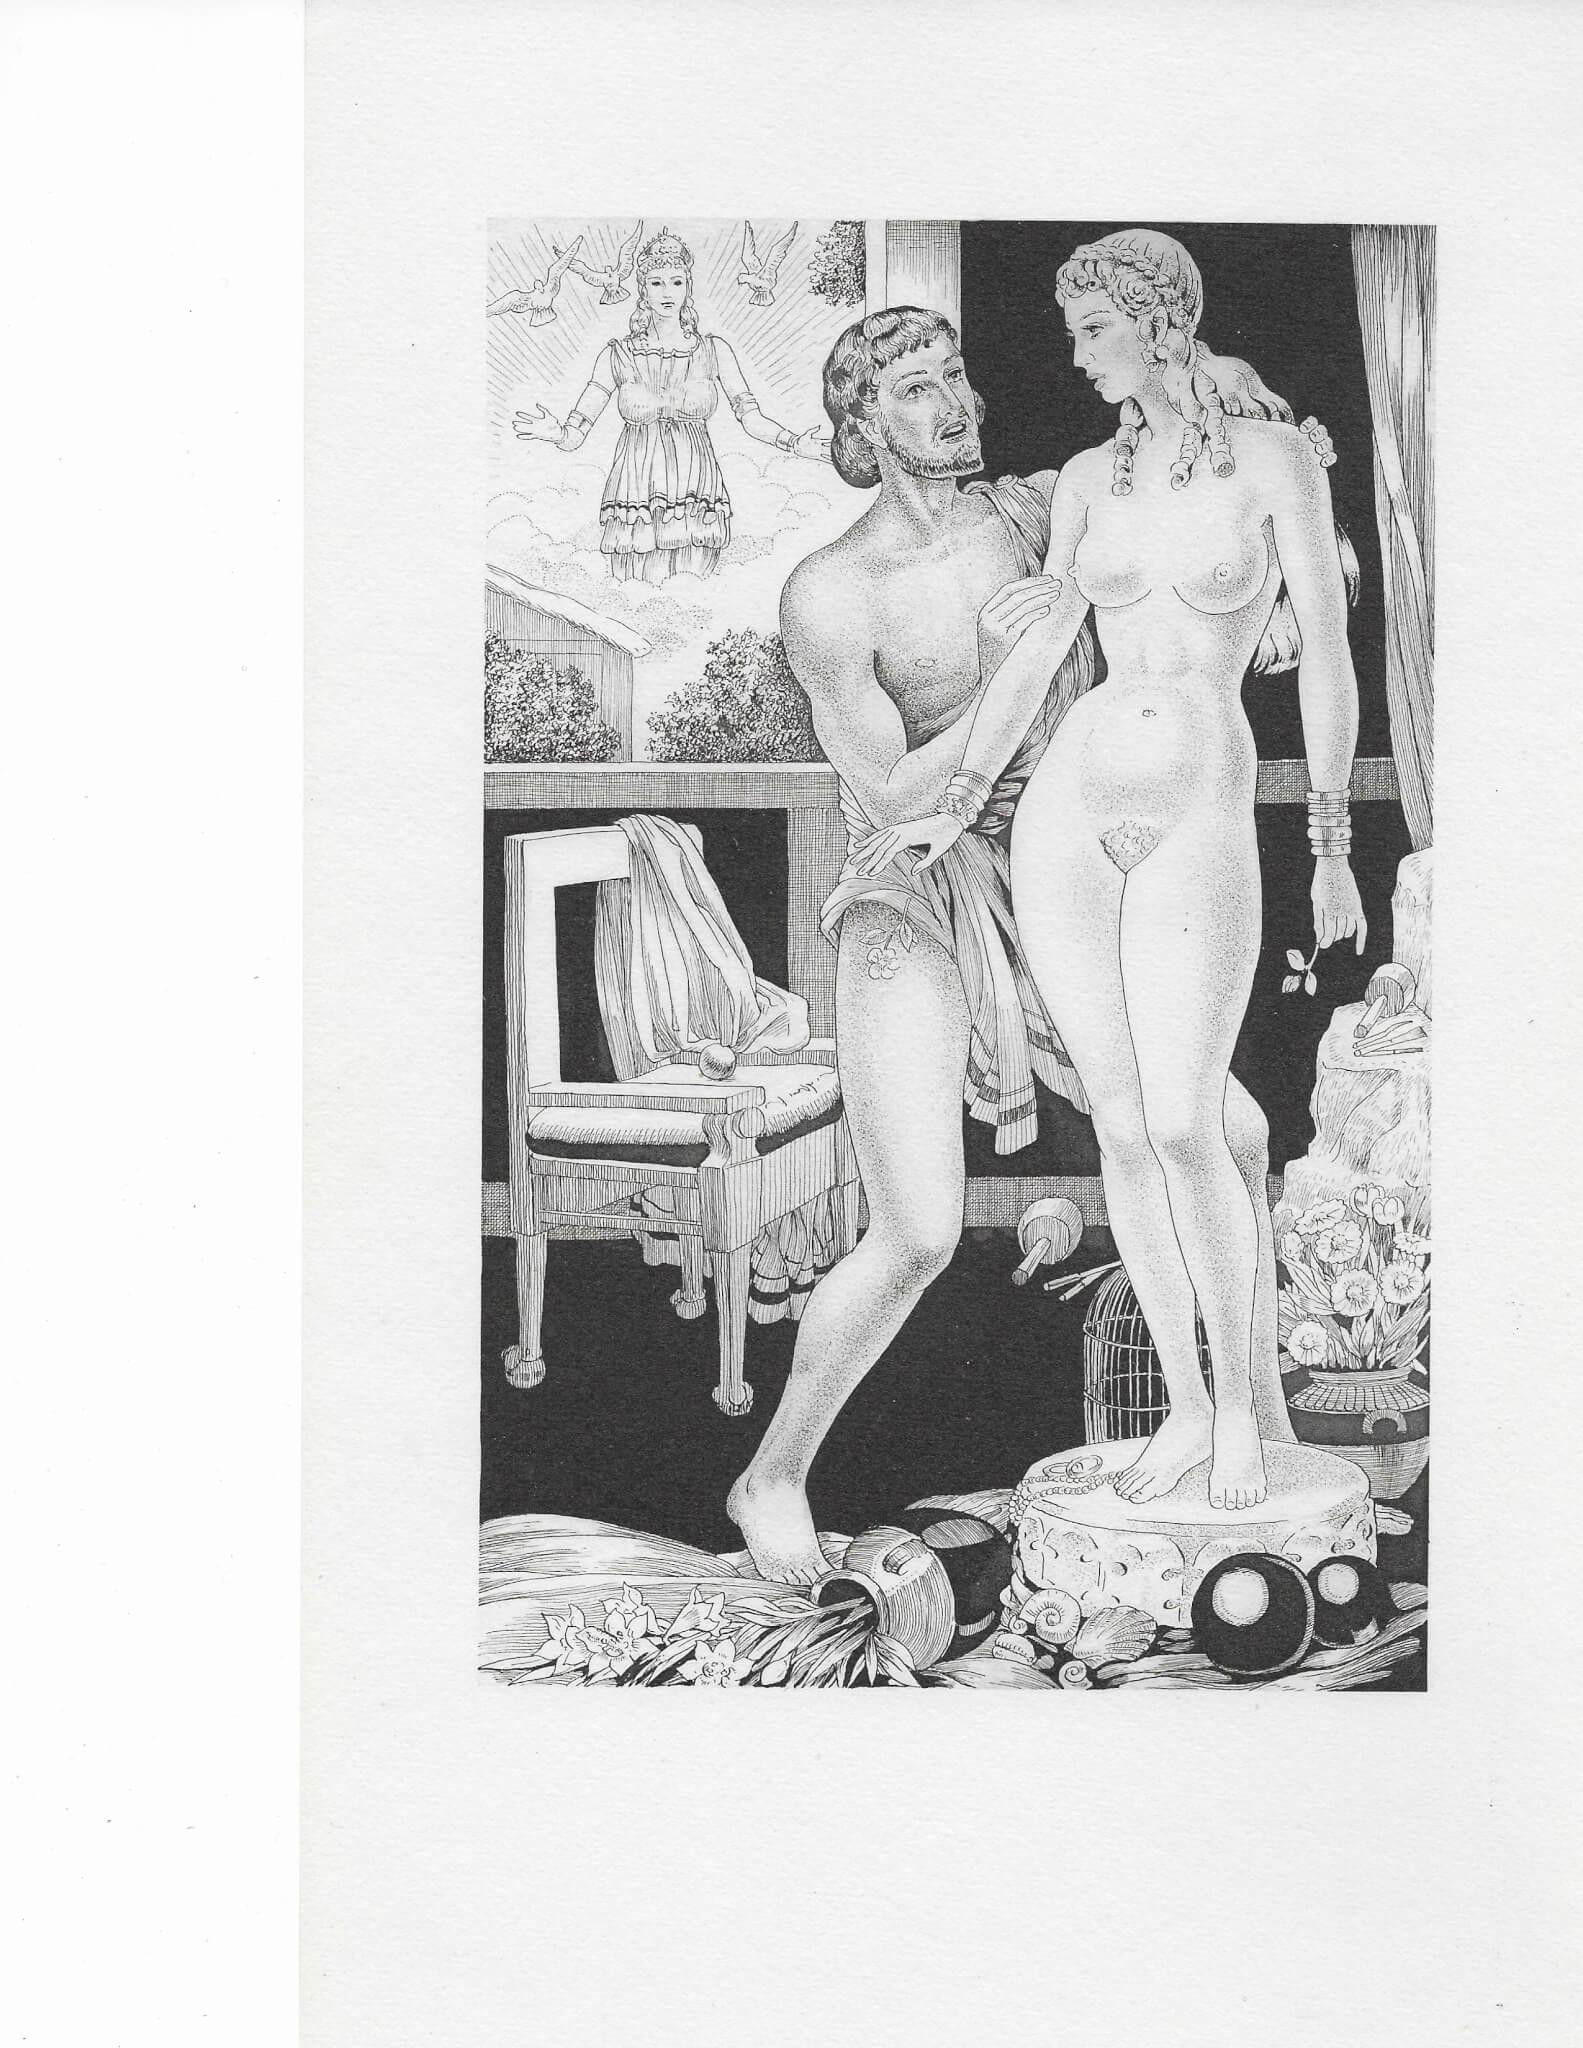 雕刻家愛上自己雕成的美人 見第十卷 Pygmalion